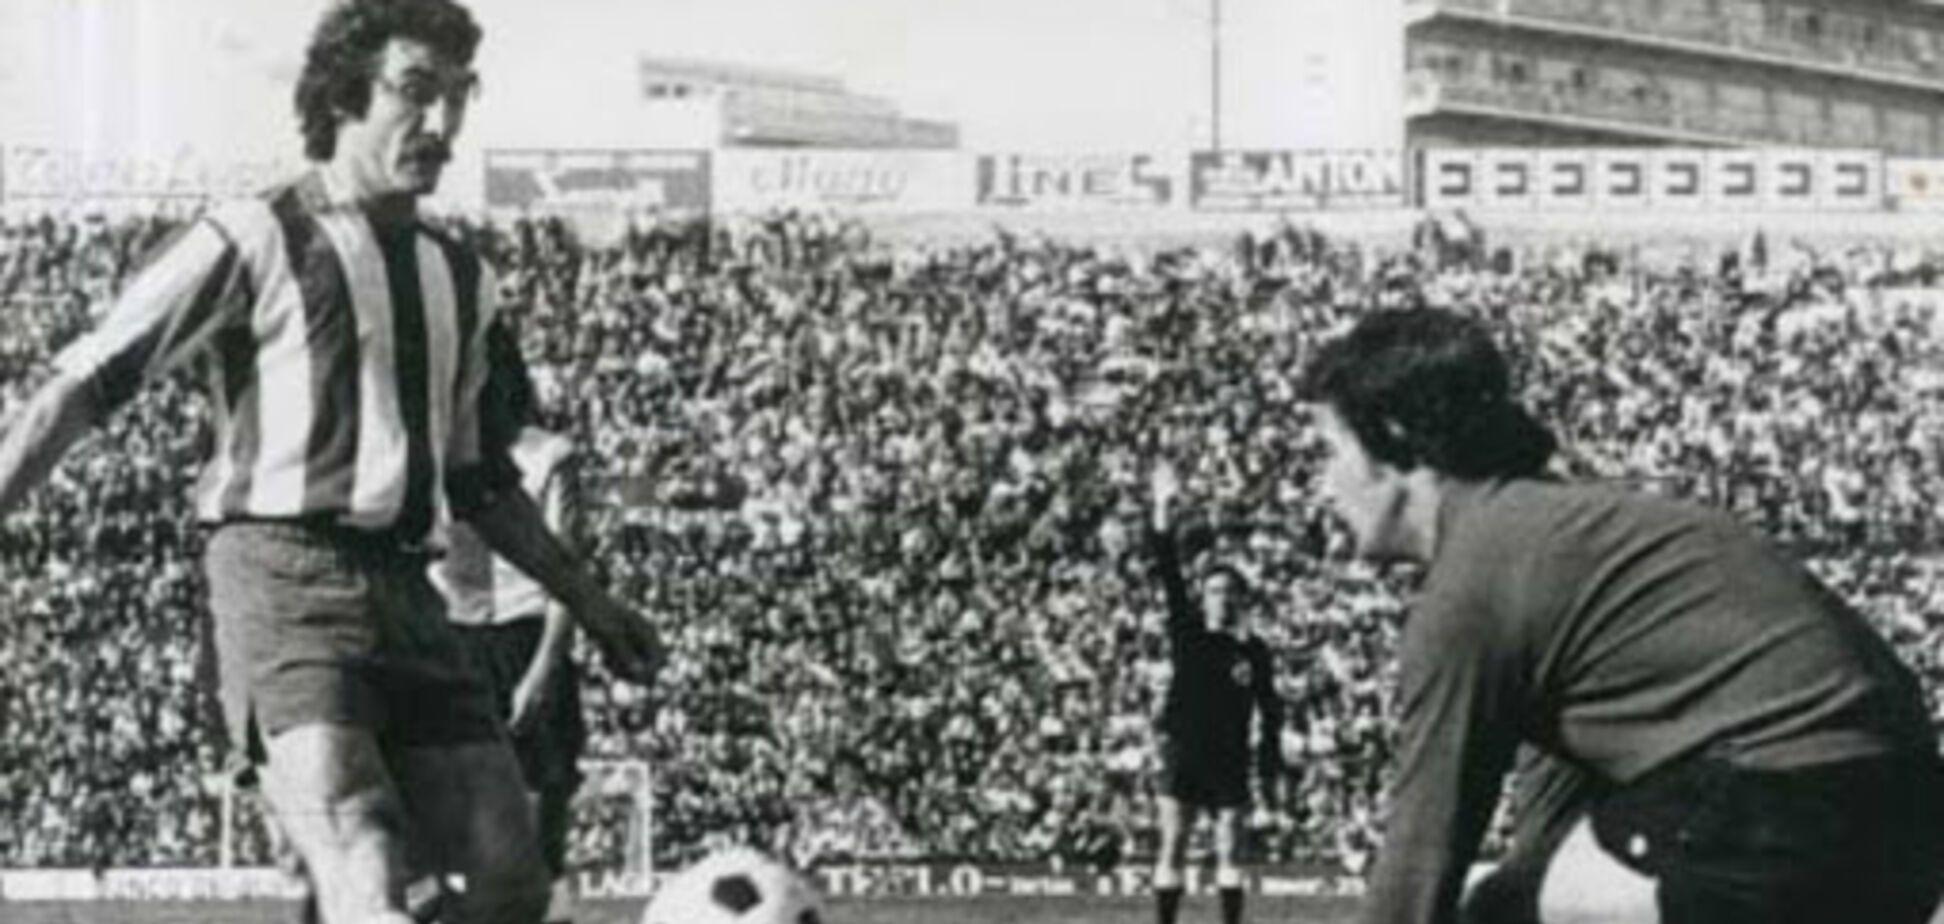 Помер легендарний чемпіон Іспанії з футболу Хосе Луїс Капон